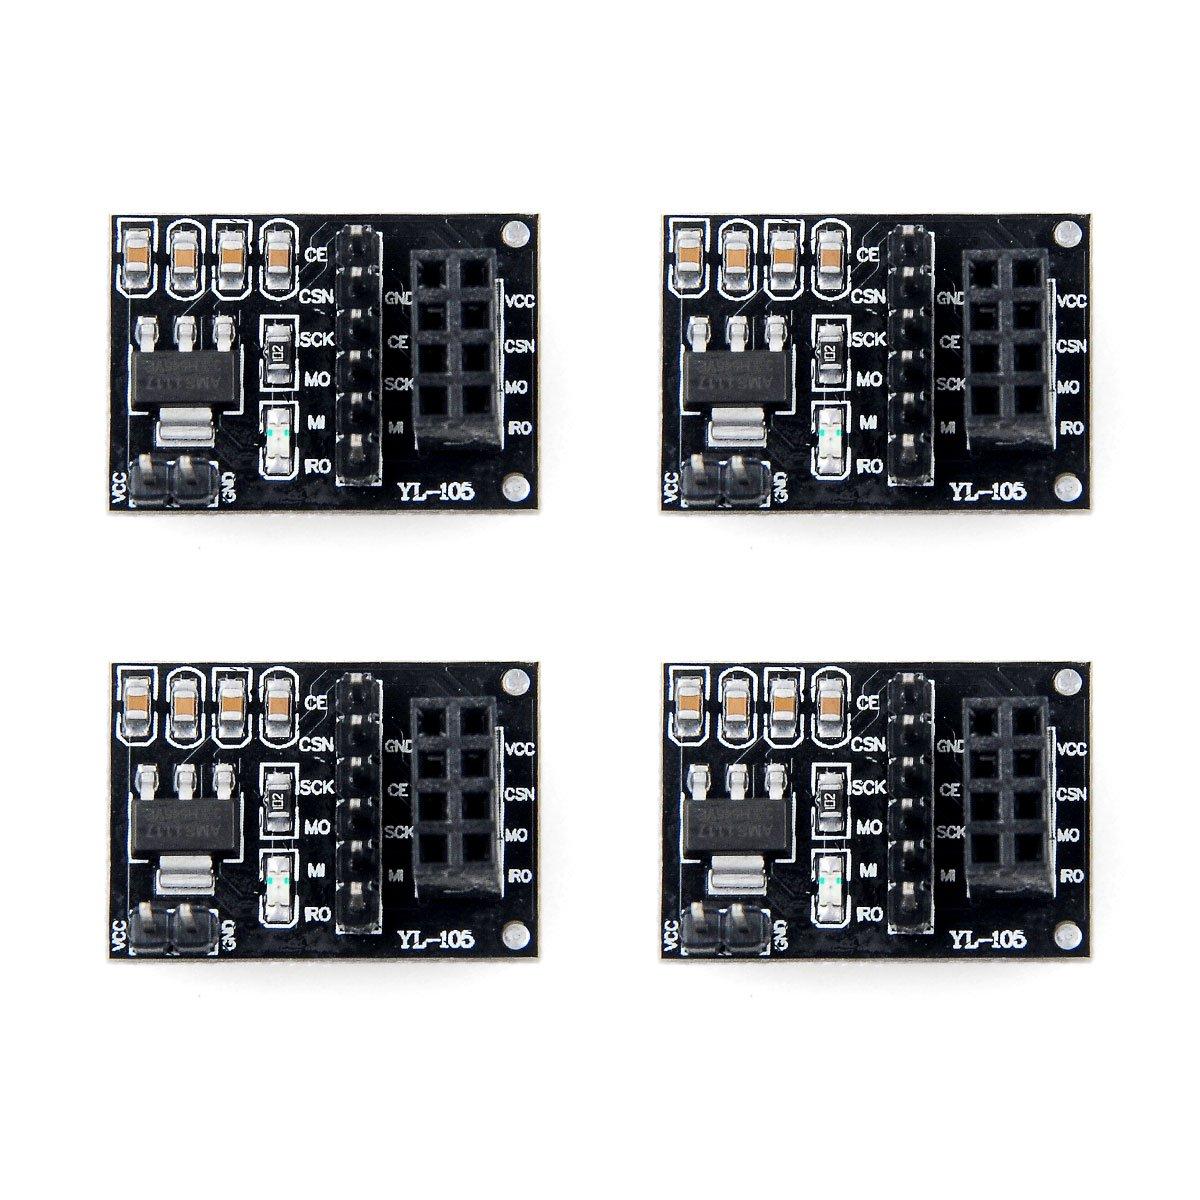 4pcs NRF24L01 Wireless Module Breakout Adapter with on-board 3.3V Regulator